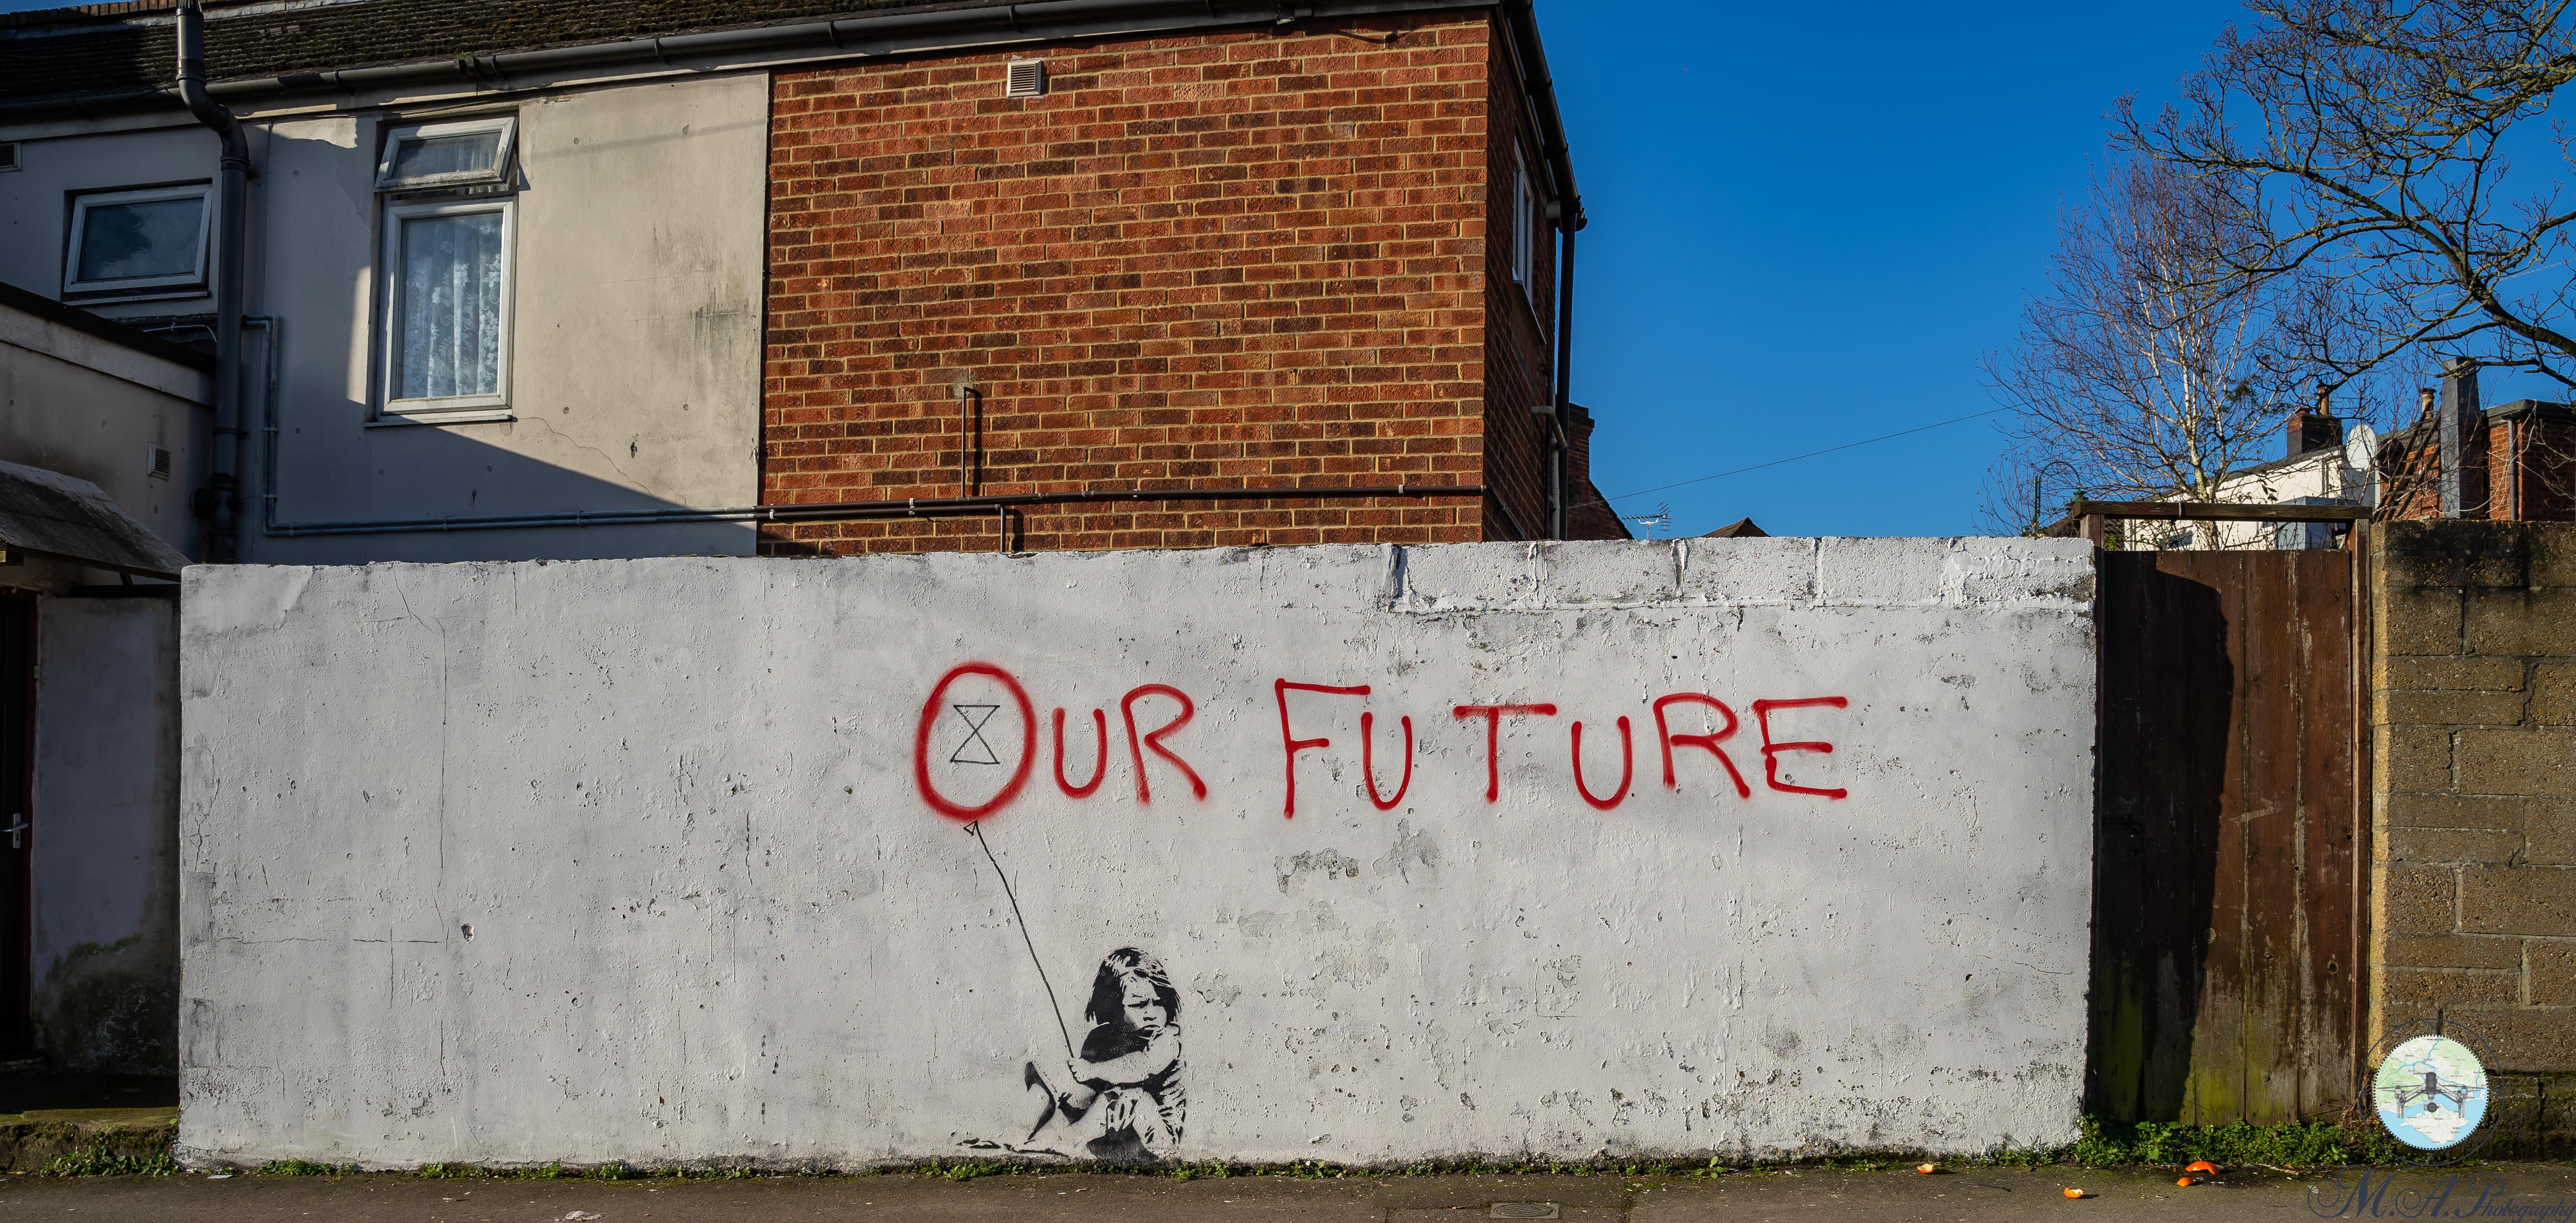 Banksy Southampton Our Future